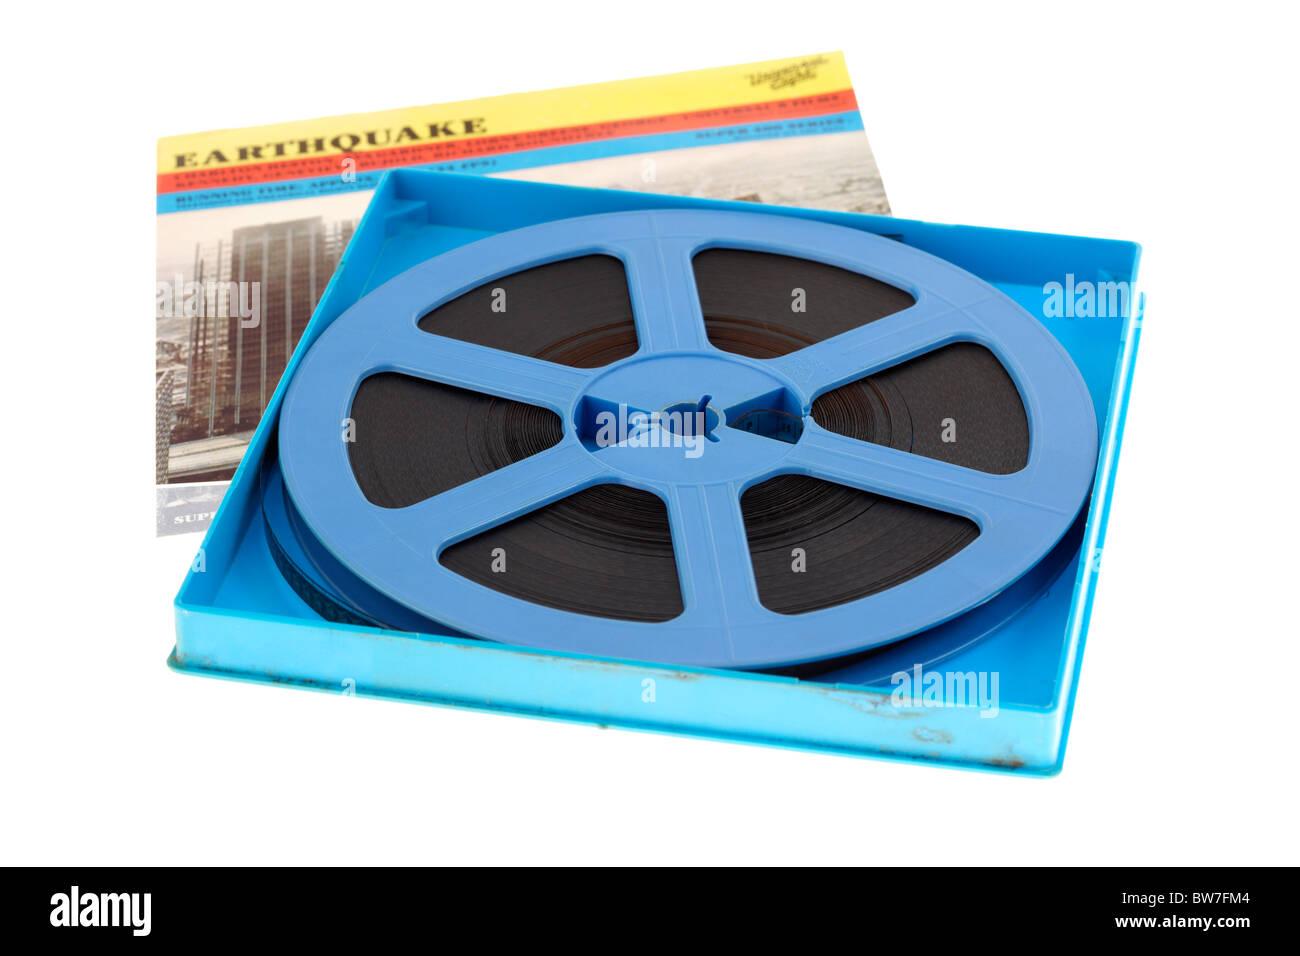 Super8 carrete de película de cine de la película terremoto para uso doméstico. Imagen De Stock